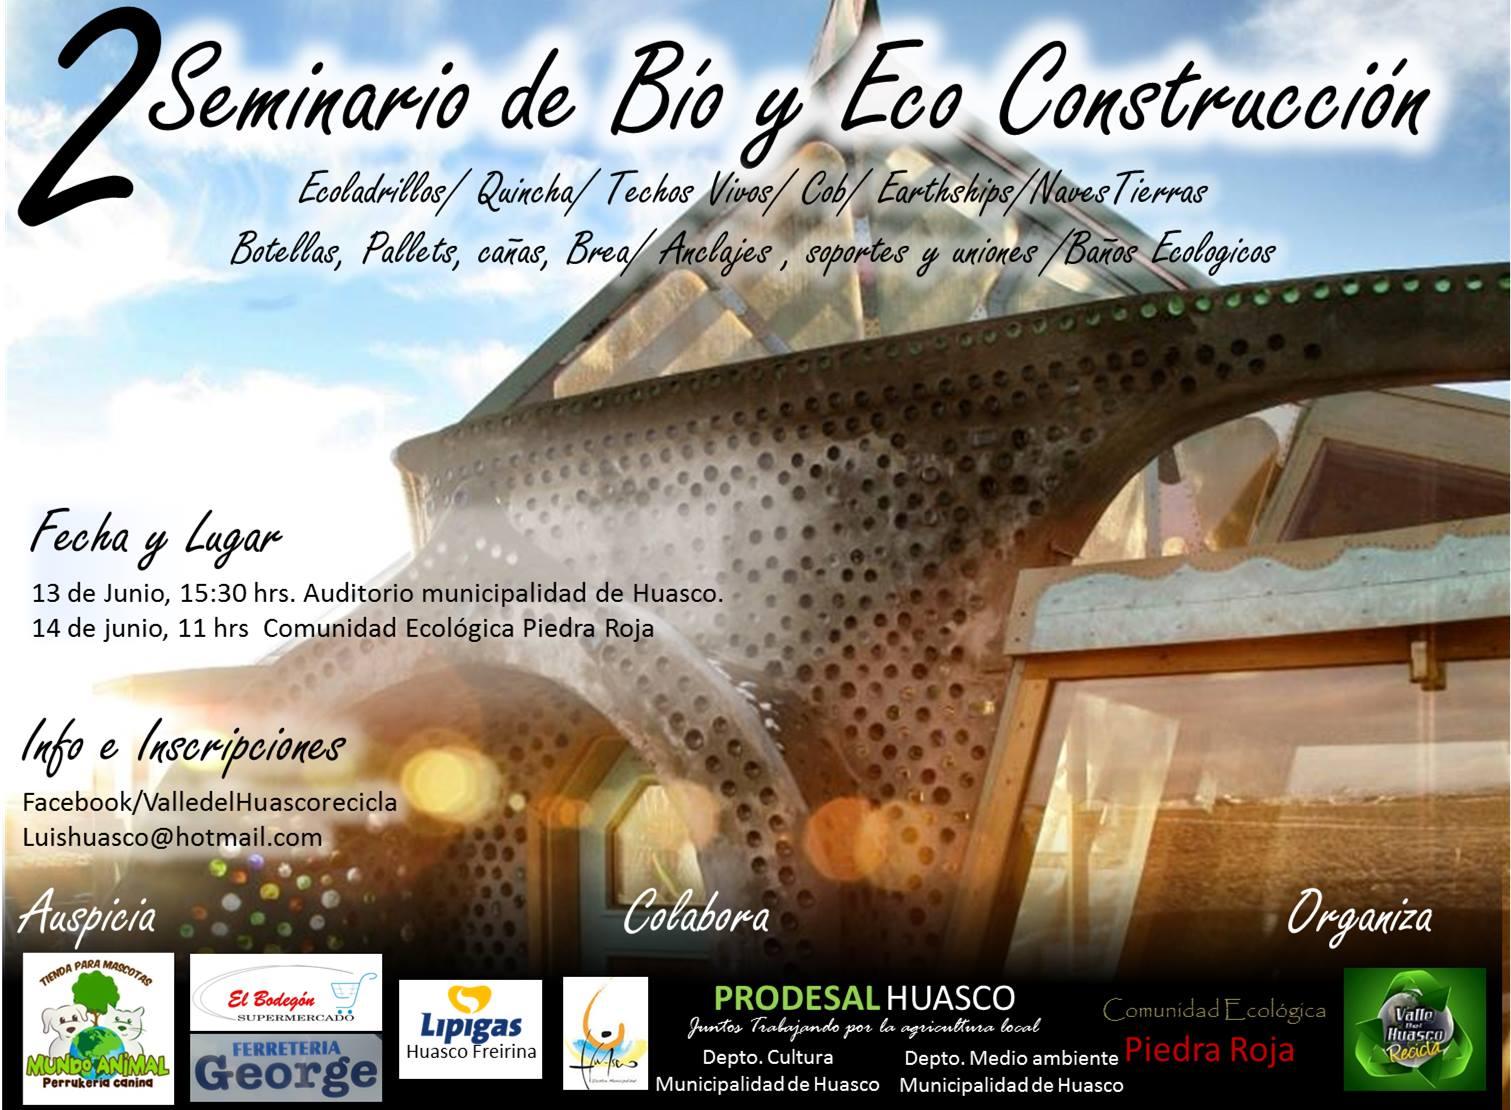 En Huasco se realizará seminario de Bio y Eco construcción